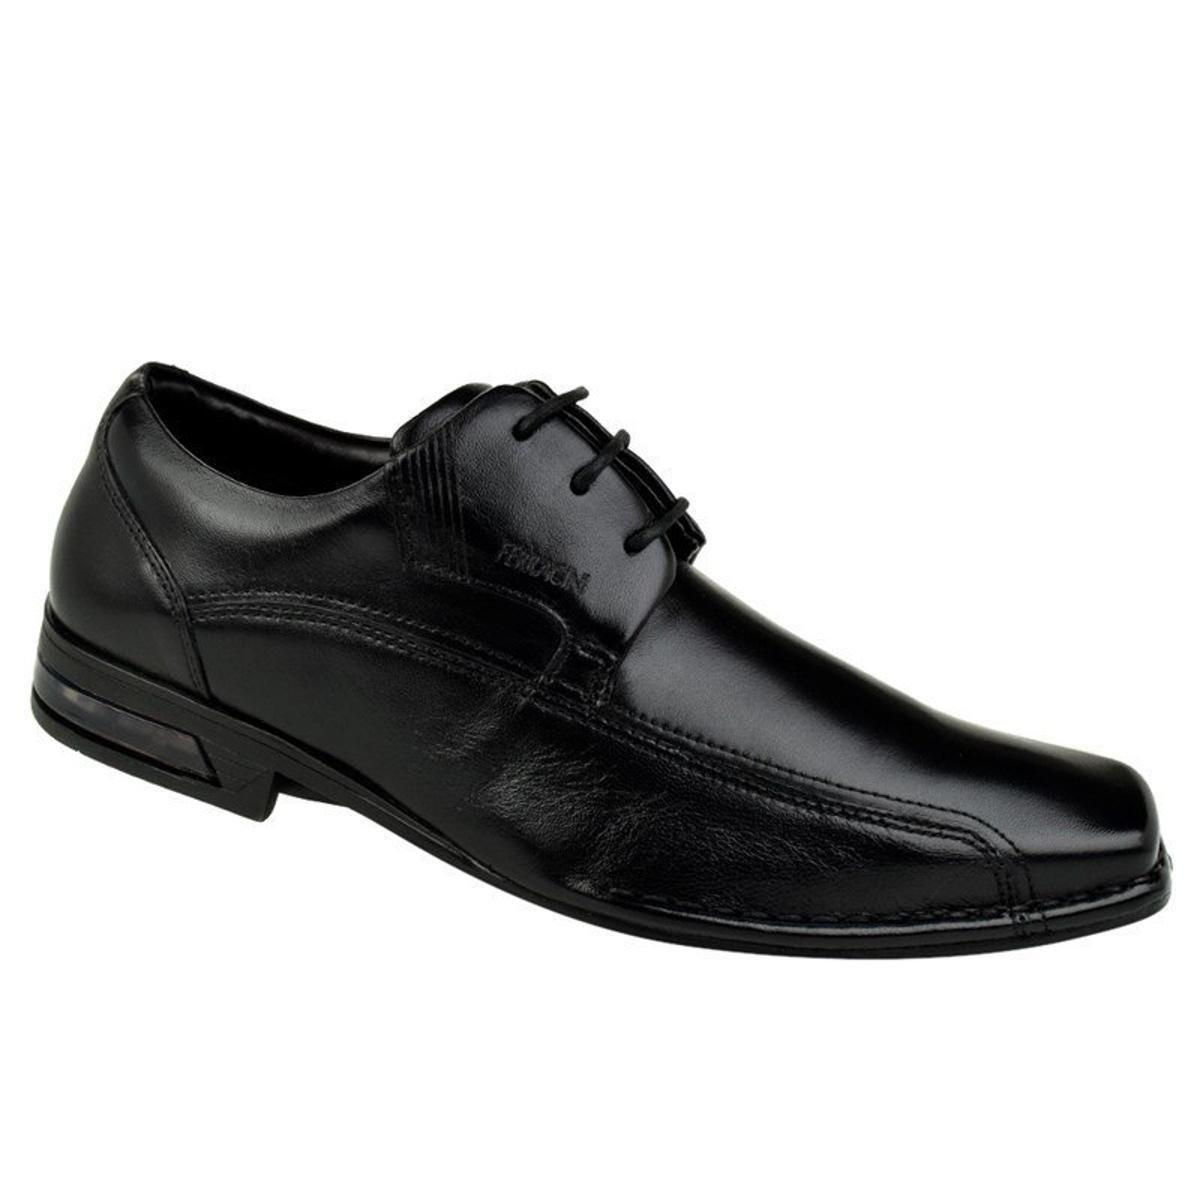 Preto Florença Couro Sapato Florença Masculino Couro Ferracini Masculino Sapato Sapato Social Ferracini Social Social Preto wq0vxEfASn